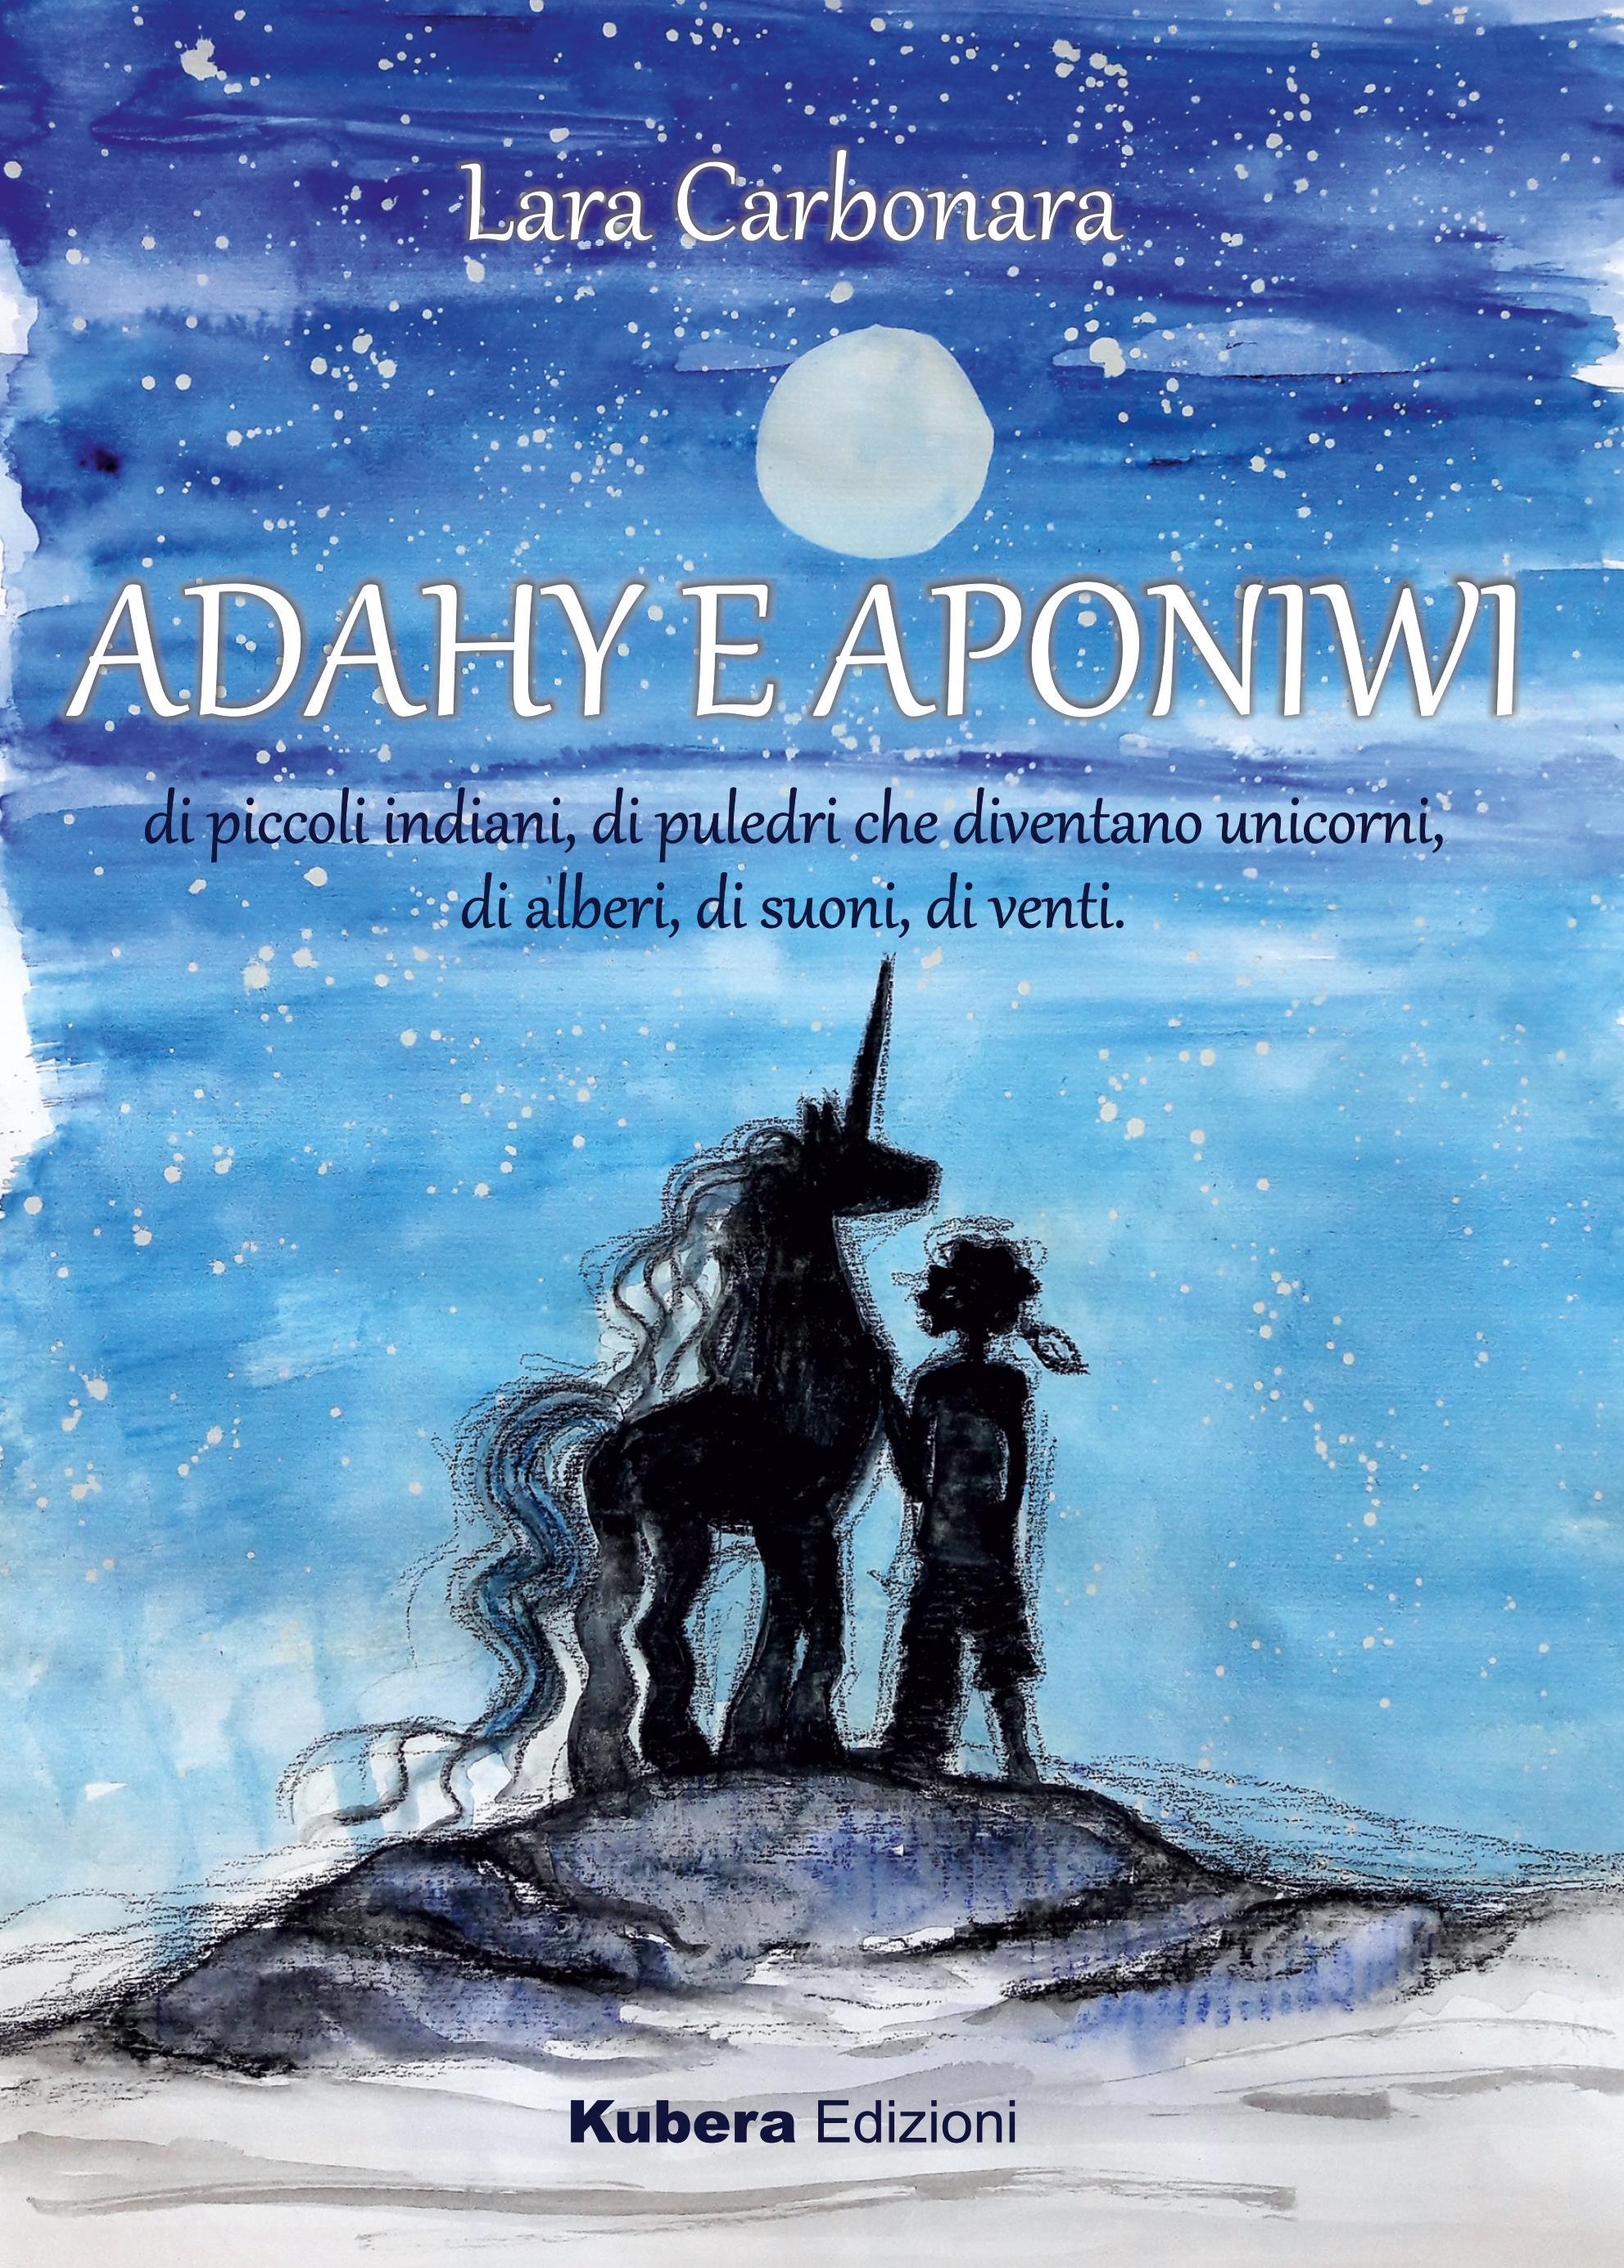 Adahy e Aponiwi